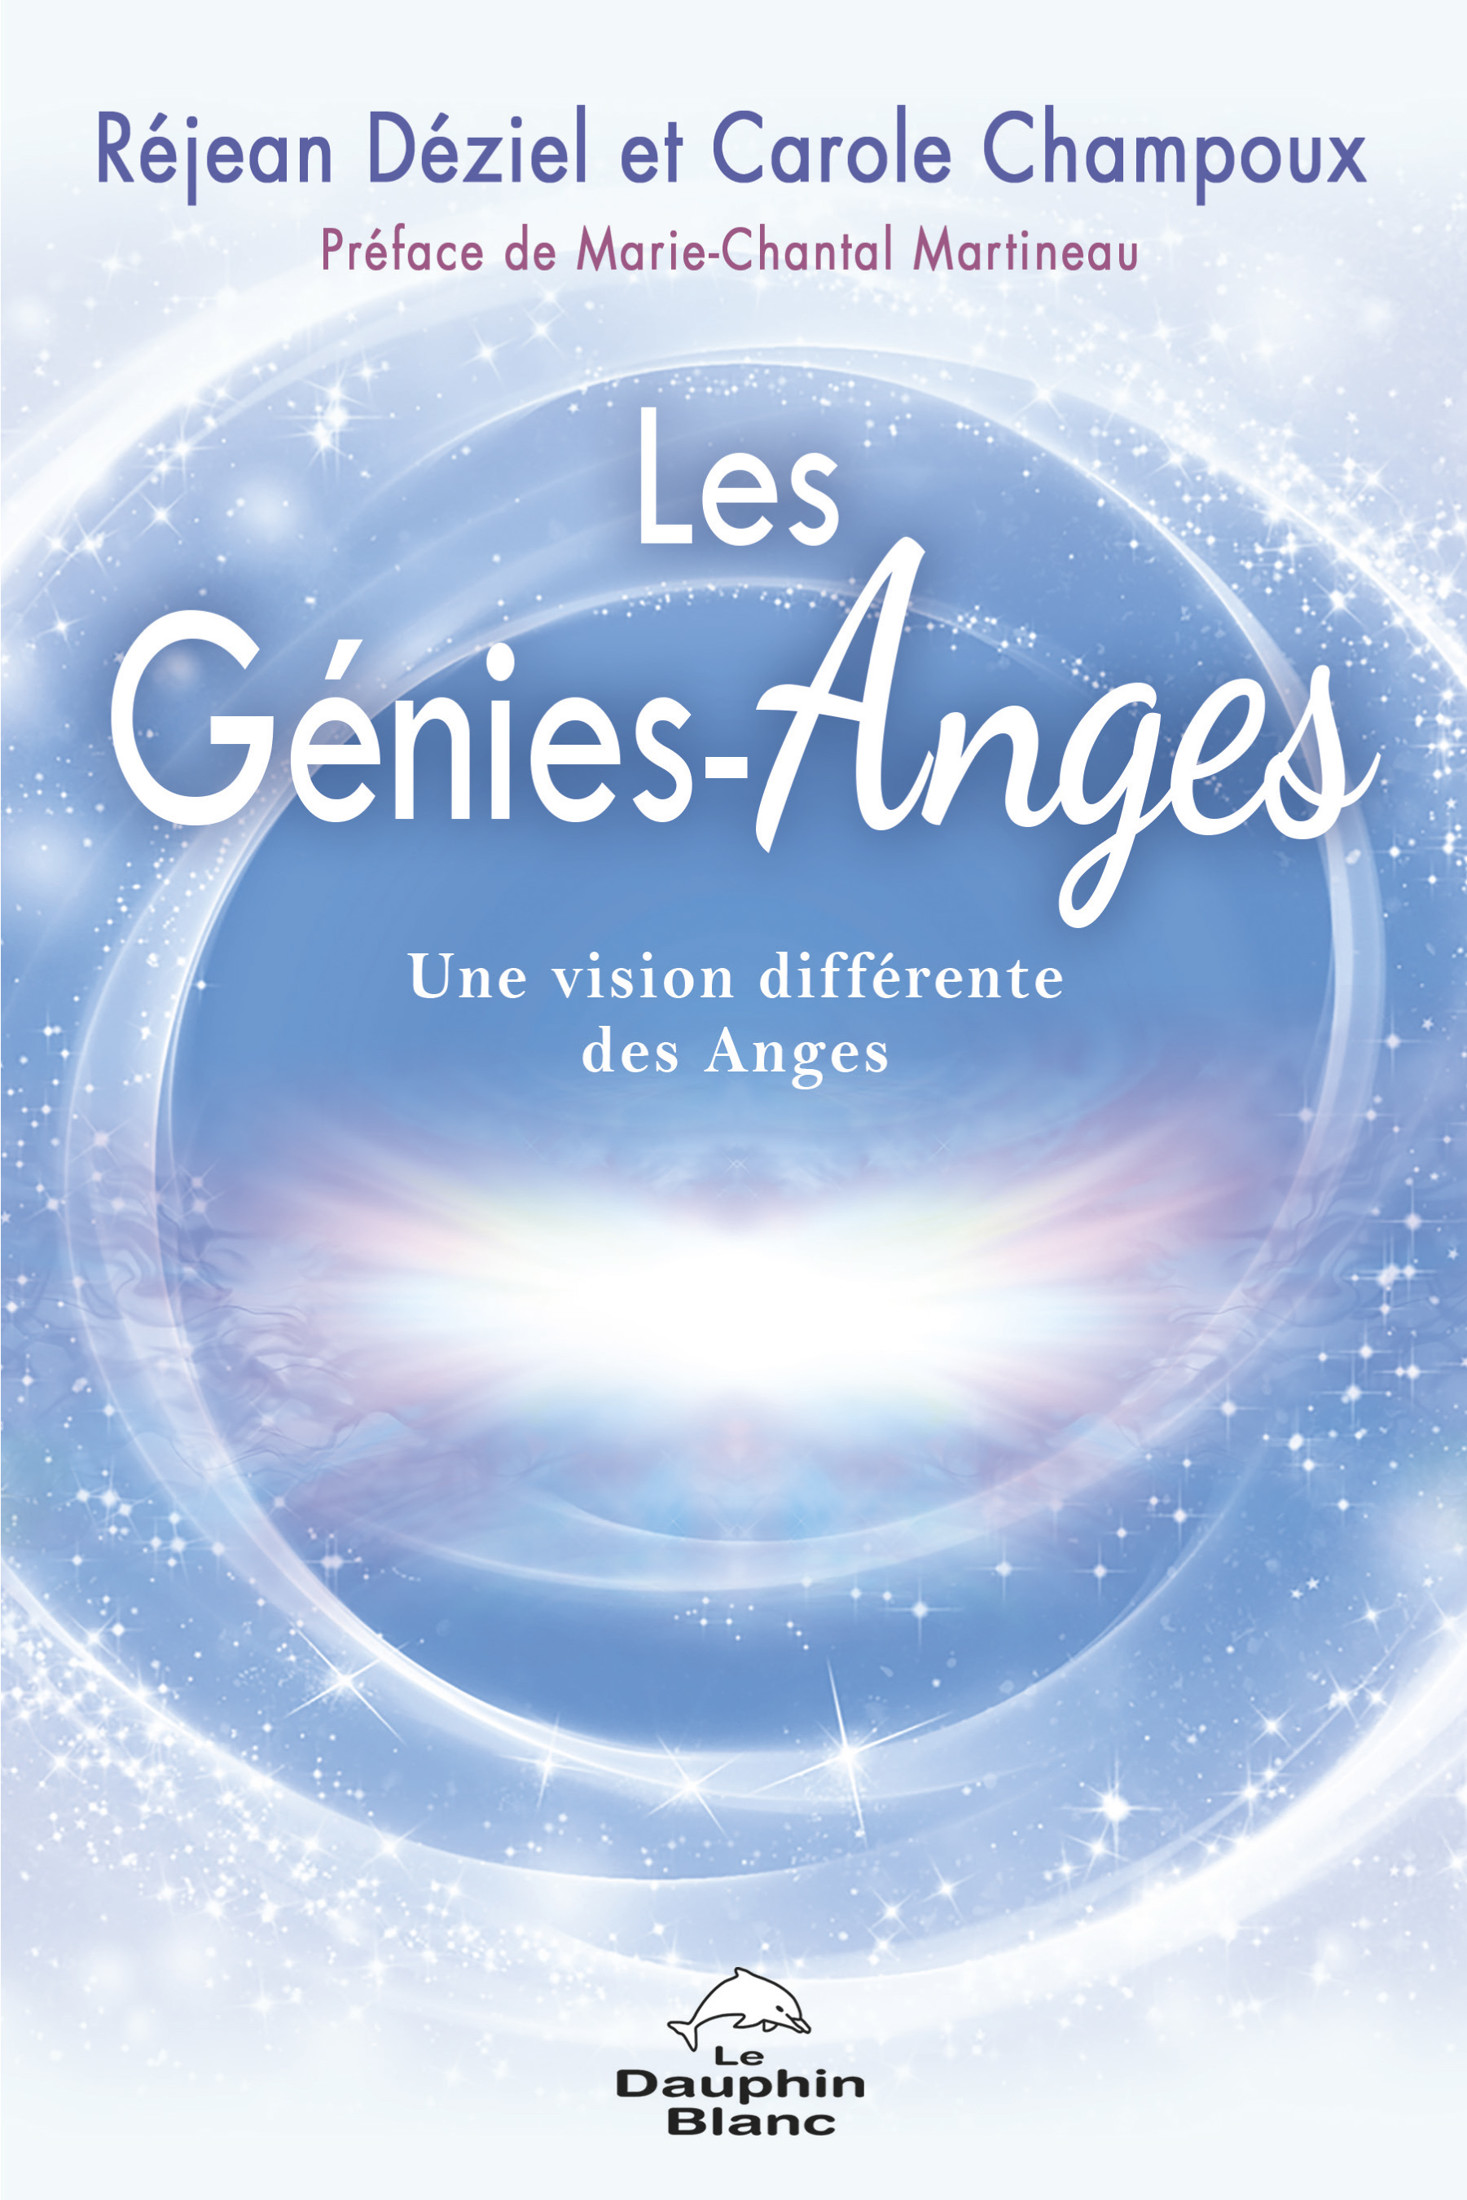 Les Génies-Anges: Une vision différente des Anges